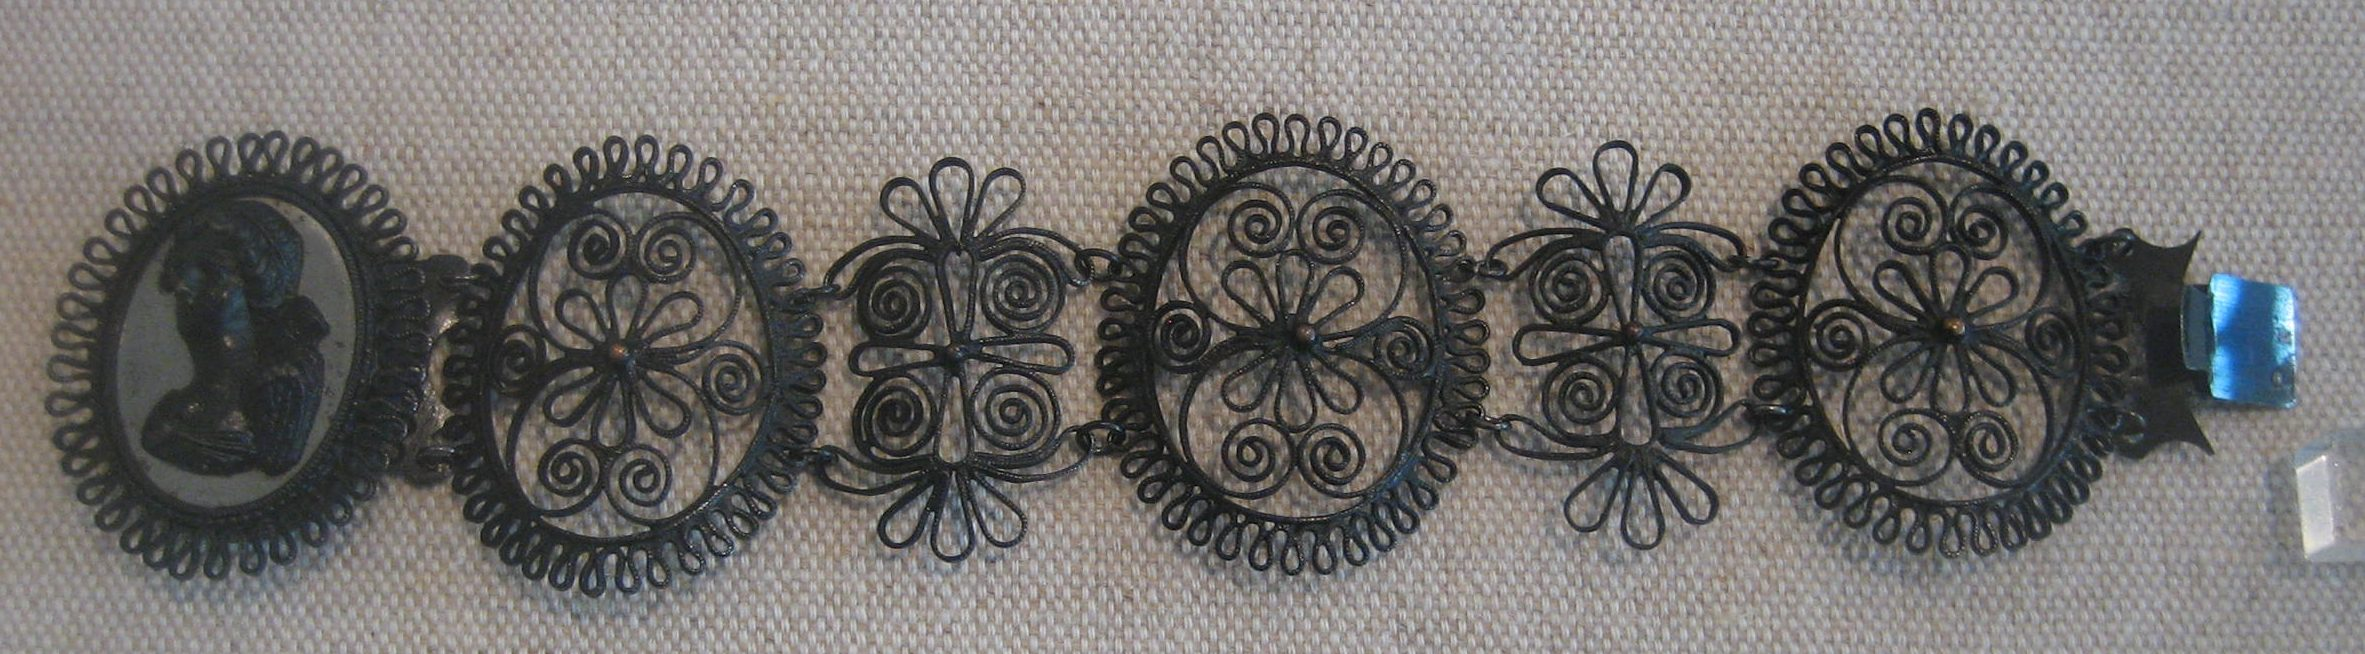 Armband van fer de Berlin, Rheinisches Eisenkunstguß-museum, Sayn. Foto Esther Doornbusch, mei 2019